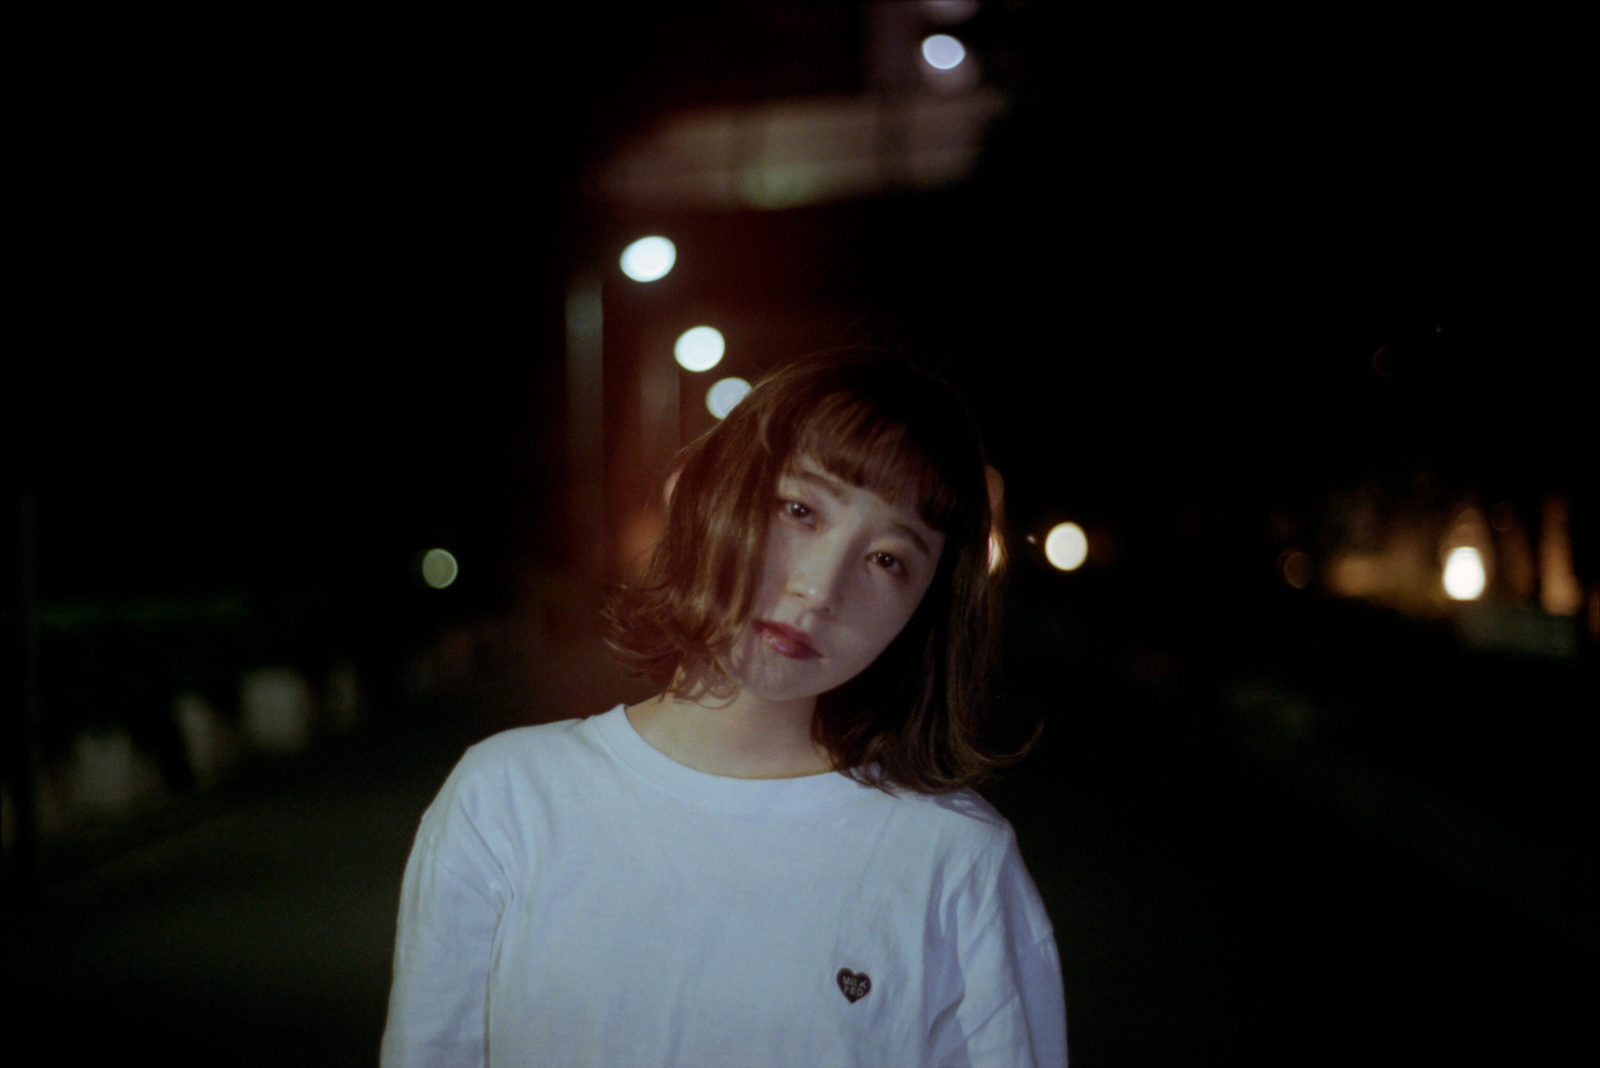 果歩、ニューシングル「光の街」に収録「あいつとライブハウス」2番組でEDテーマに決定サムネイル画像!